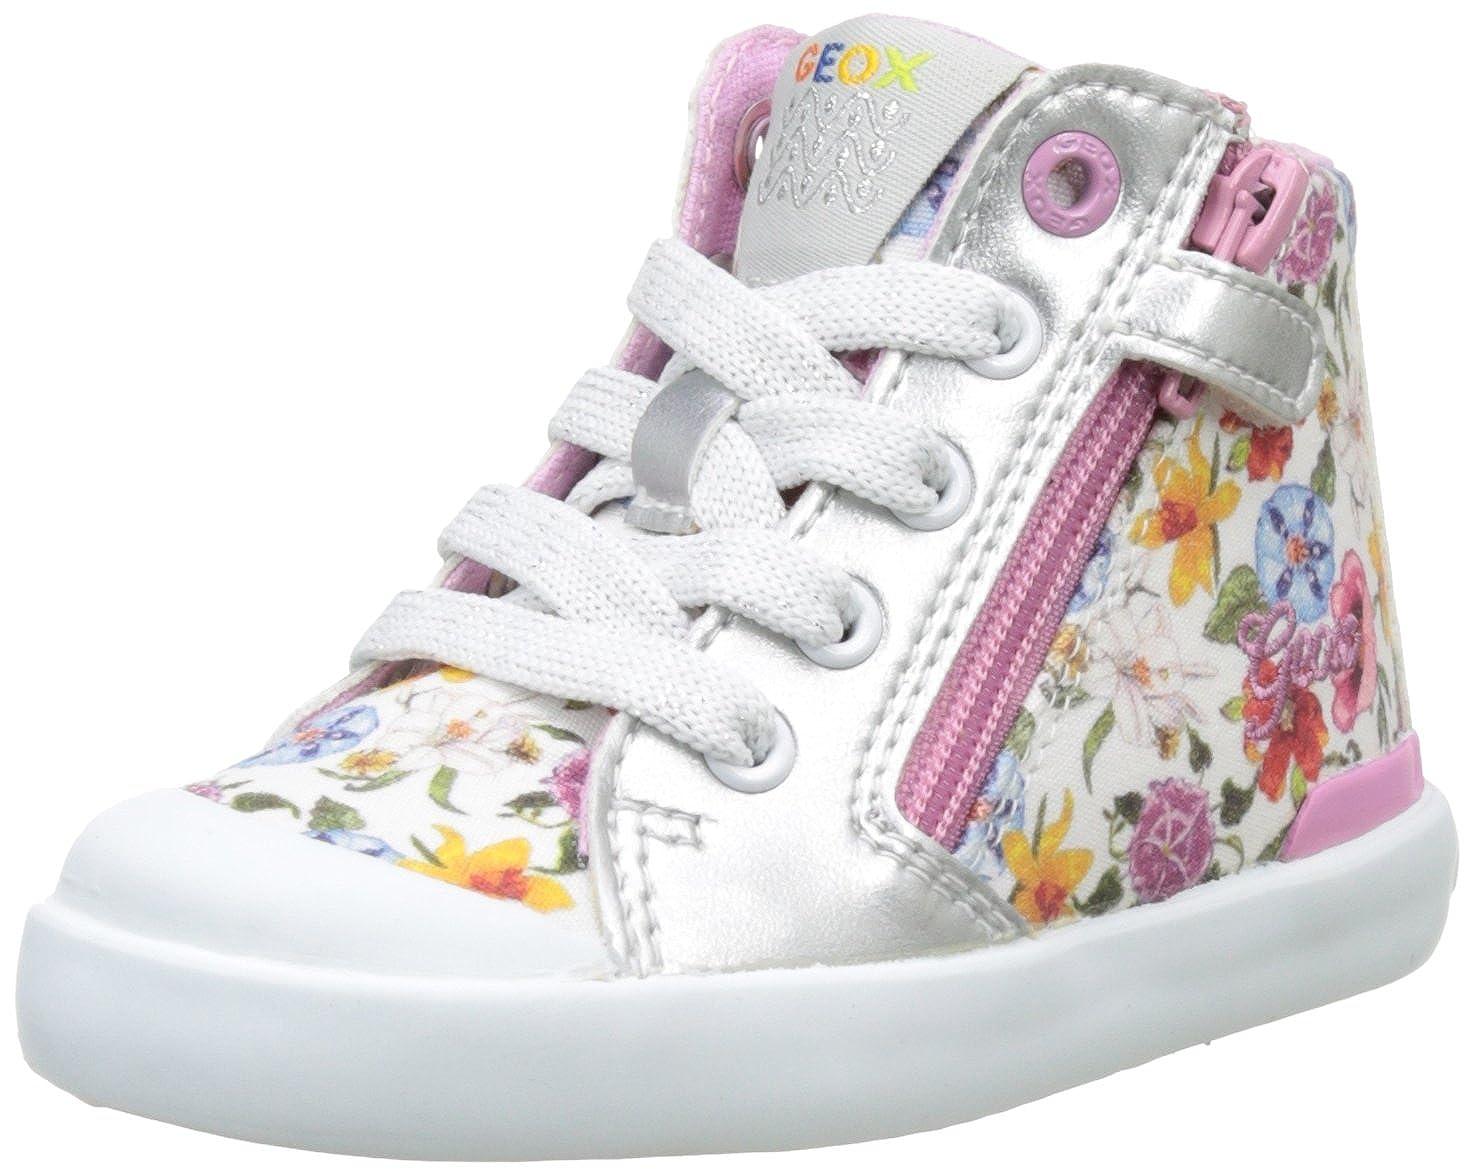 GEOX BABY TODO B 1 Sneaker (Toddler) 24 EU( Toddler) Pick